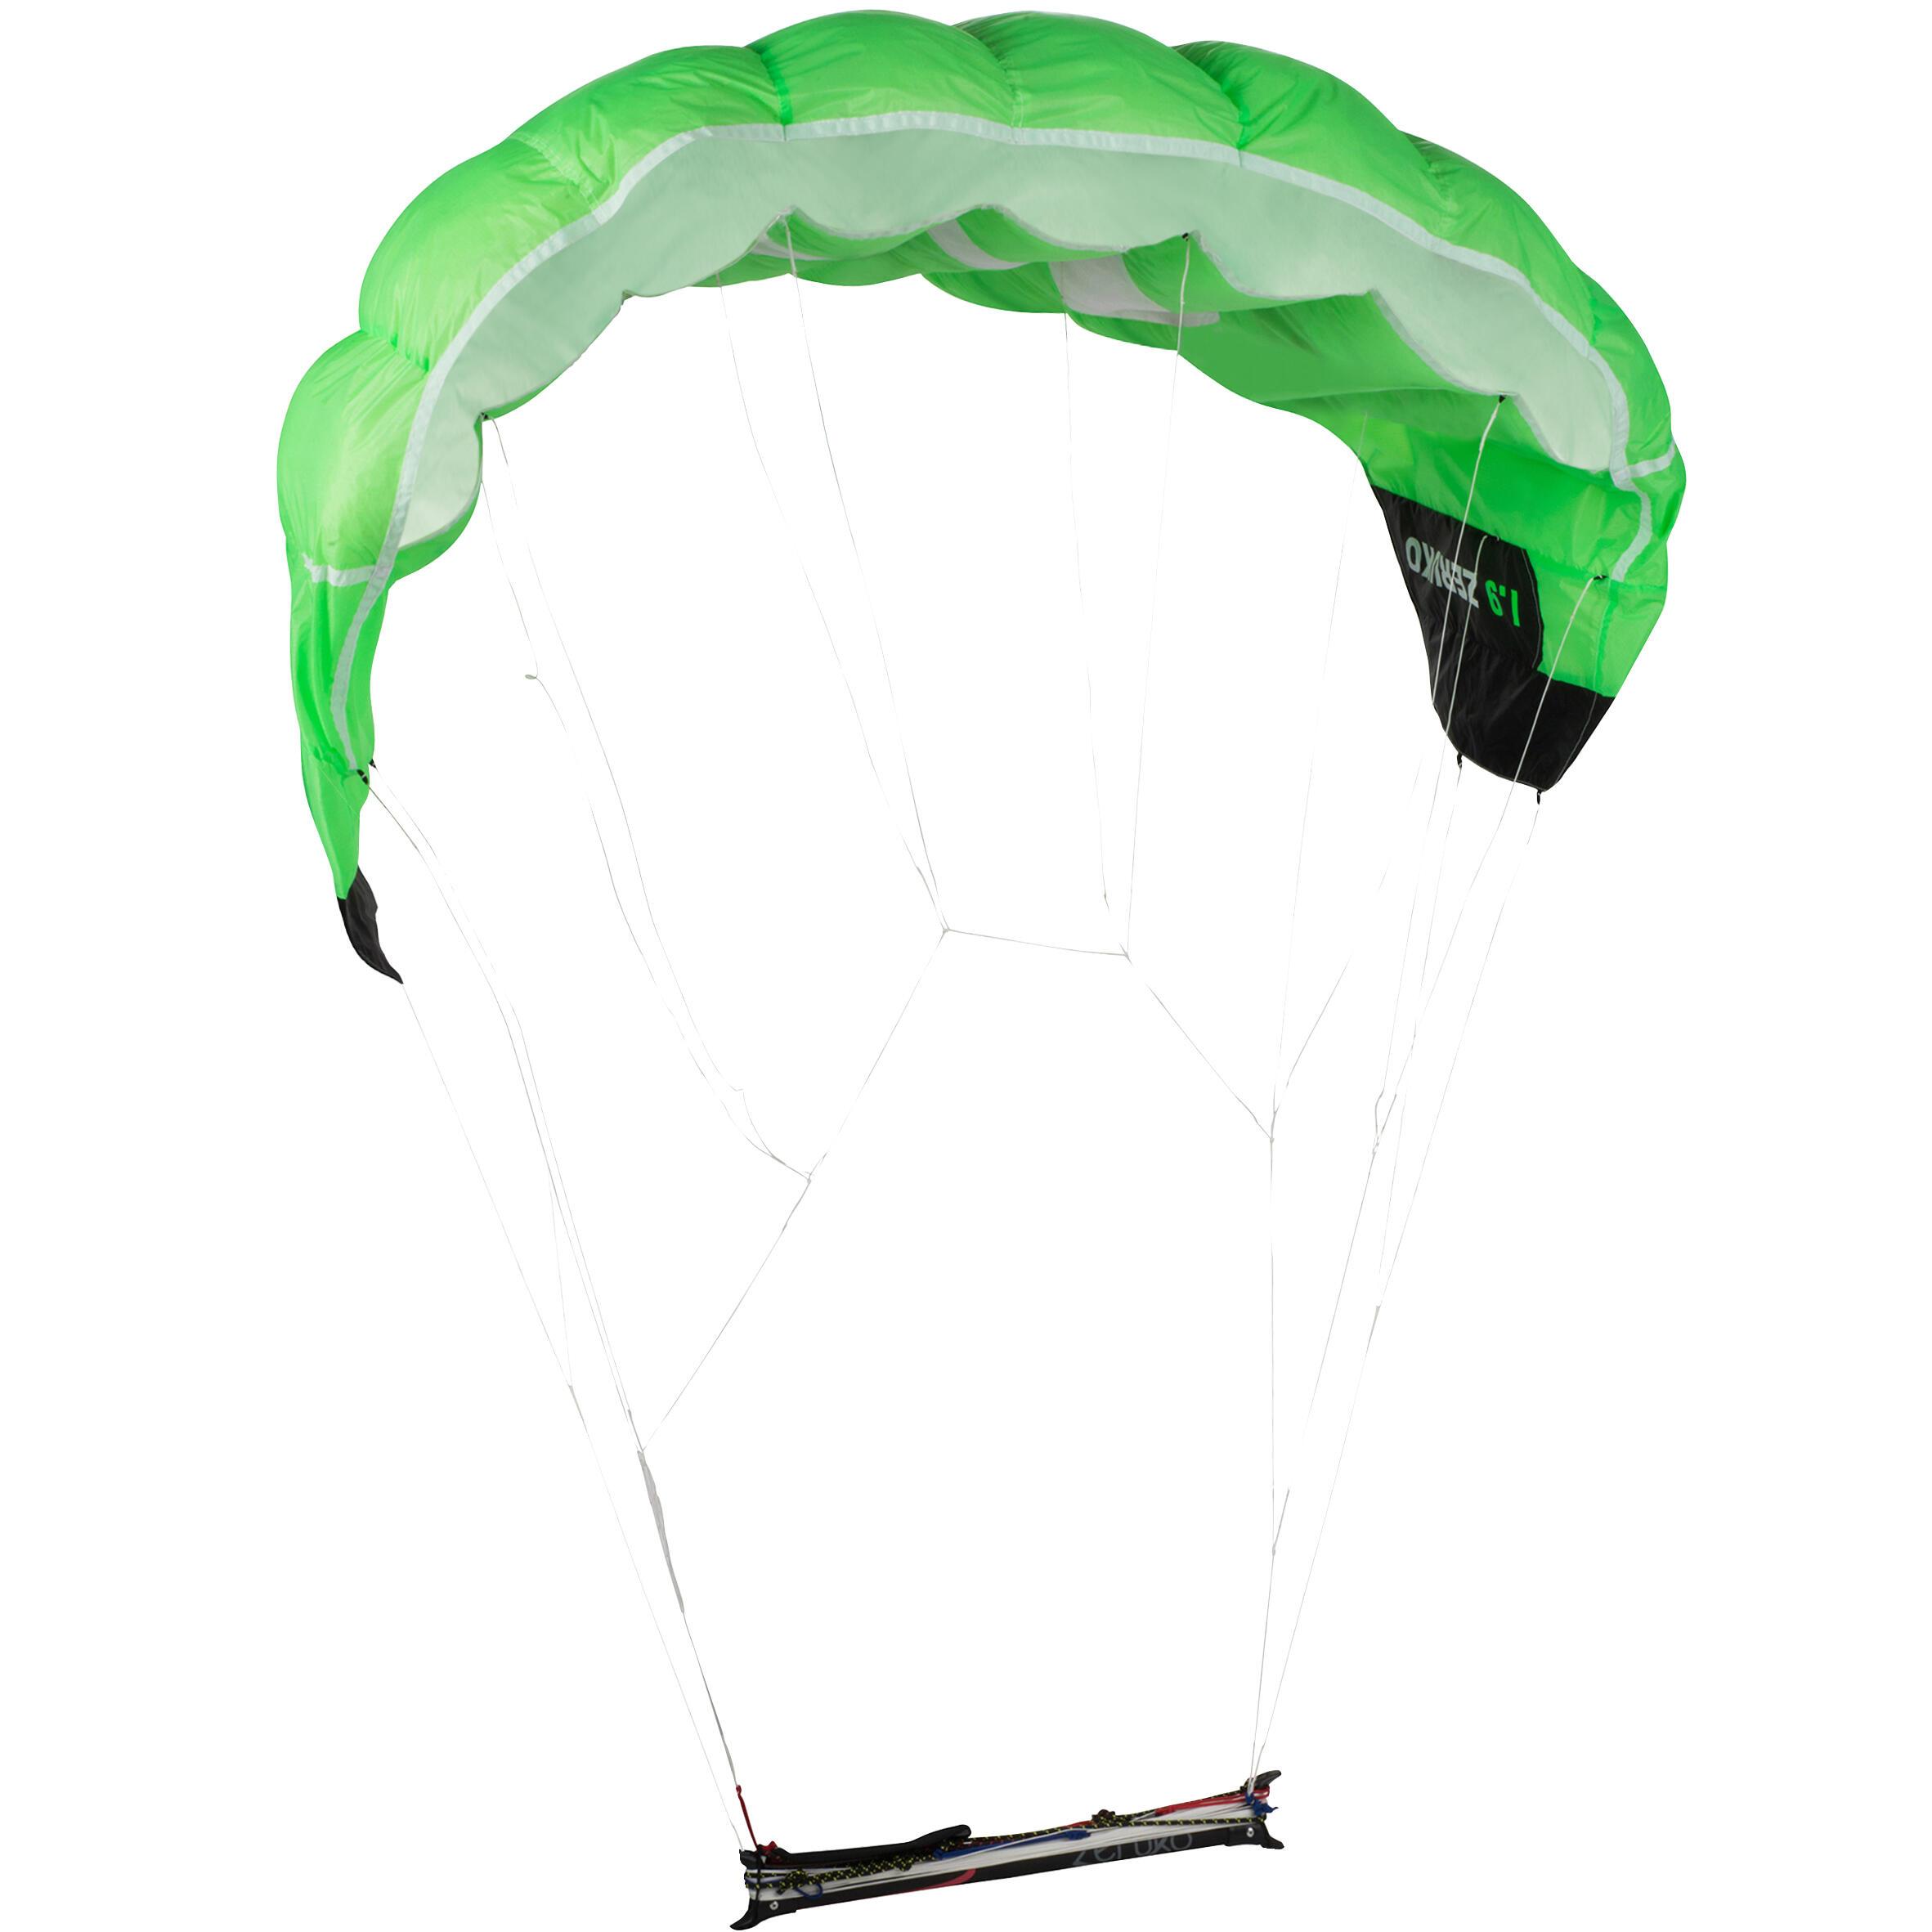 Aripă de tracțiune1.9M2 Verde imagine